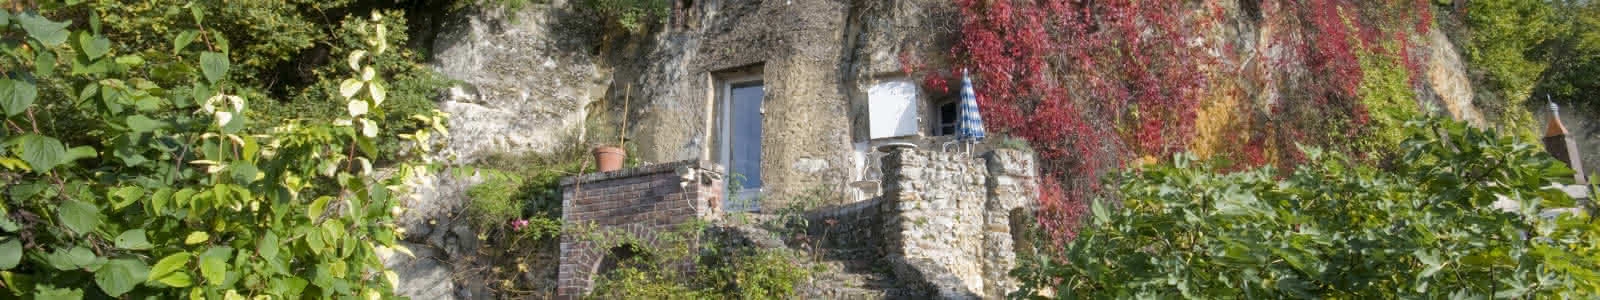 Maison Troglo de Trôo - vacances insolites en Loir-et-Cher Val de Loire ©Jean-Ph-Tesson-ADT41